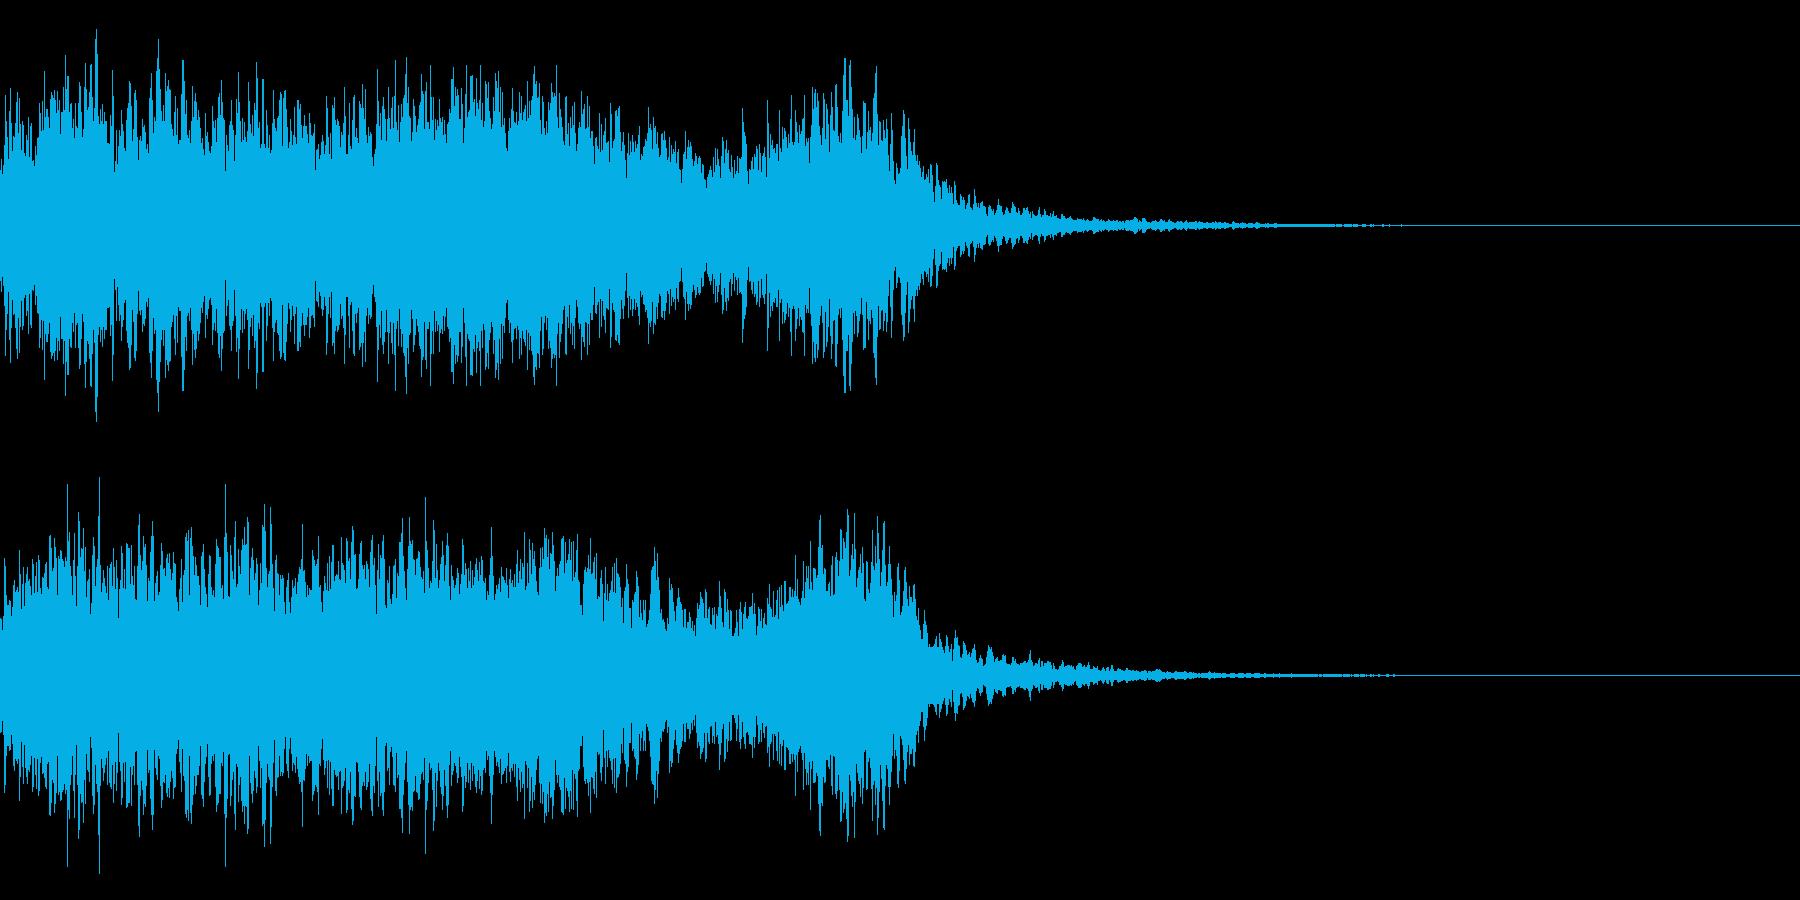 神社 結婚式の笛(笙)和風フレーズ!04の再生済みの波形